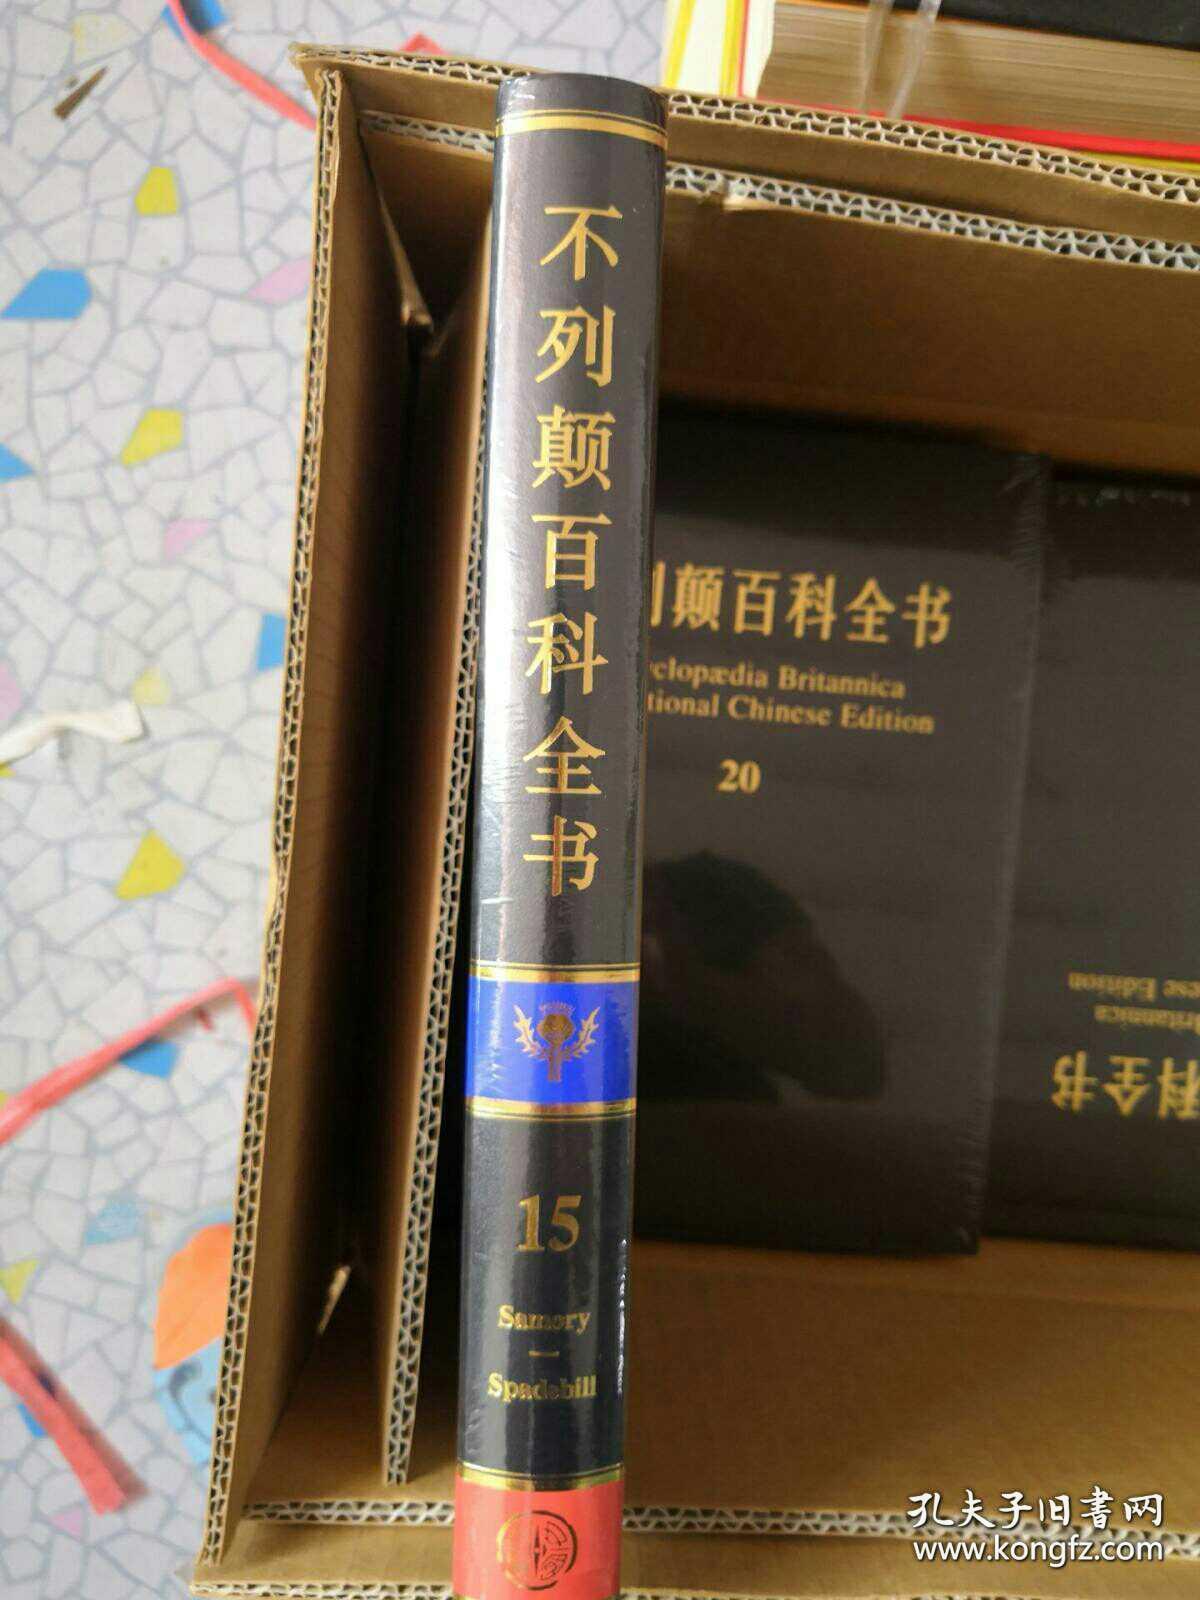 不列颠 百科 全书 国际 中文 版